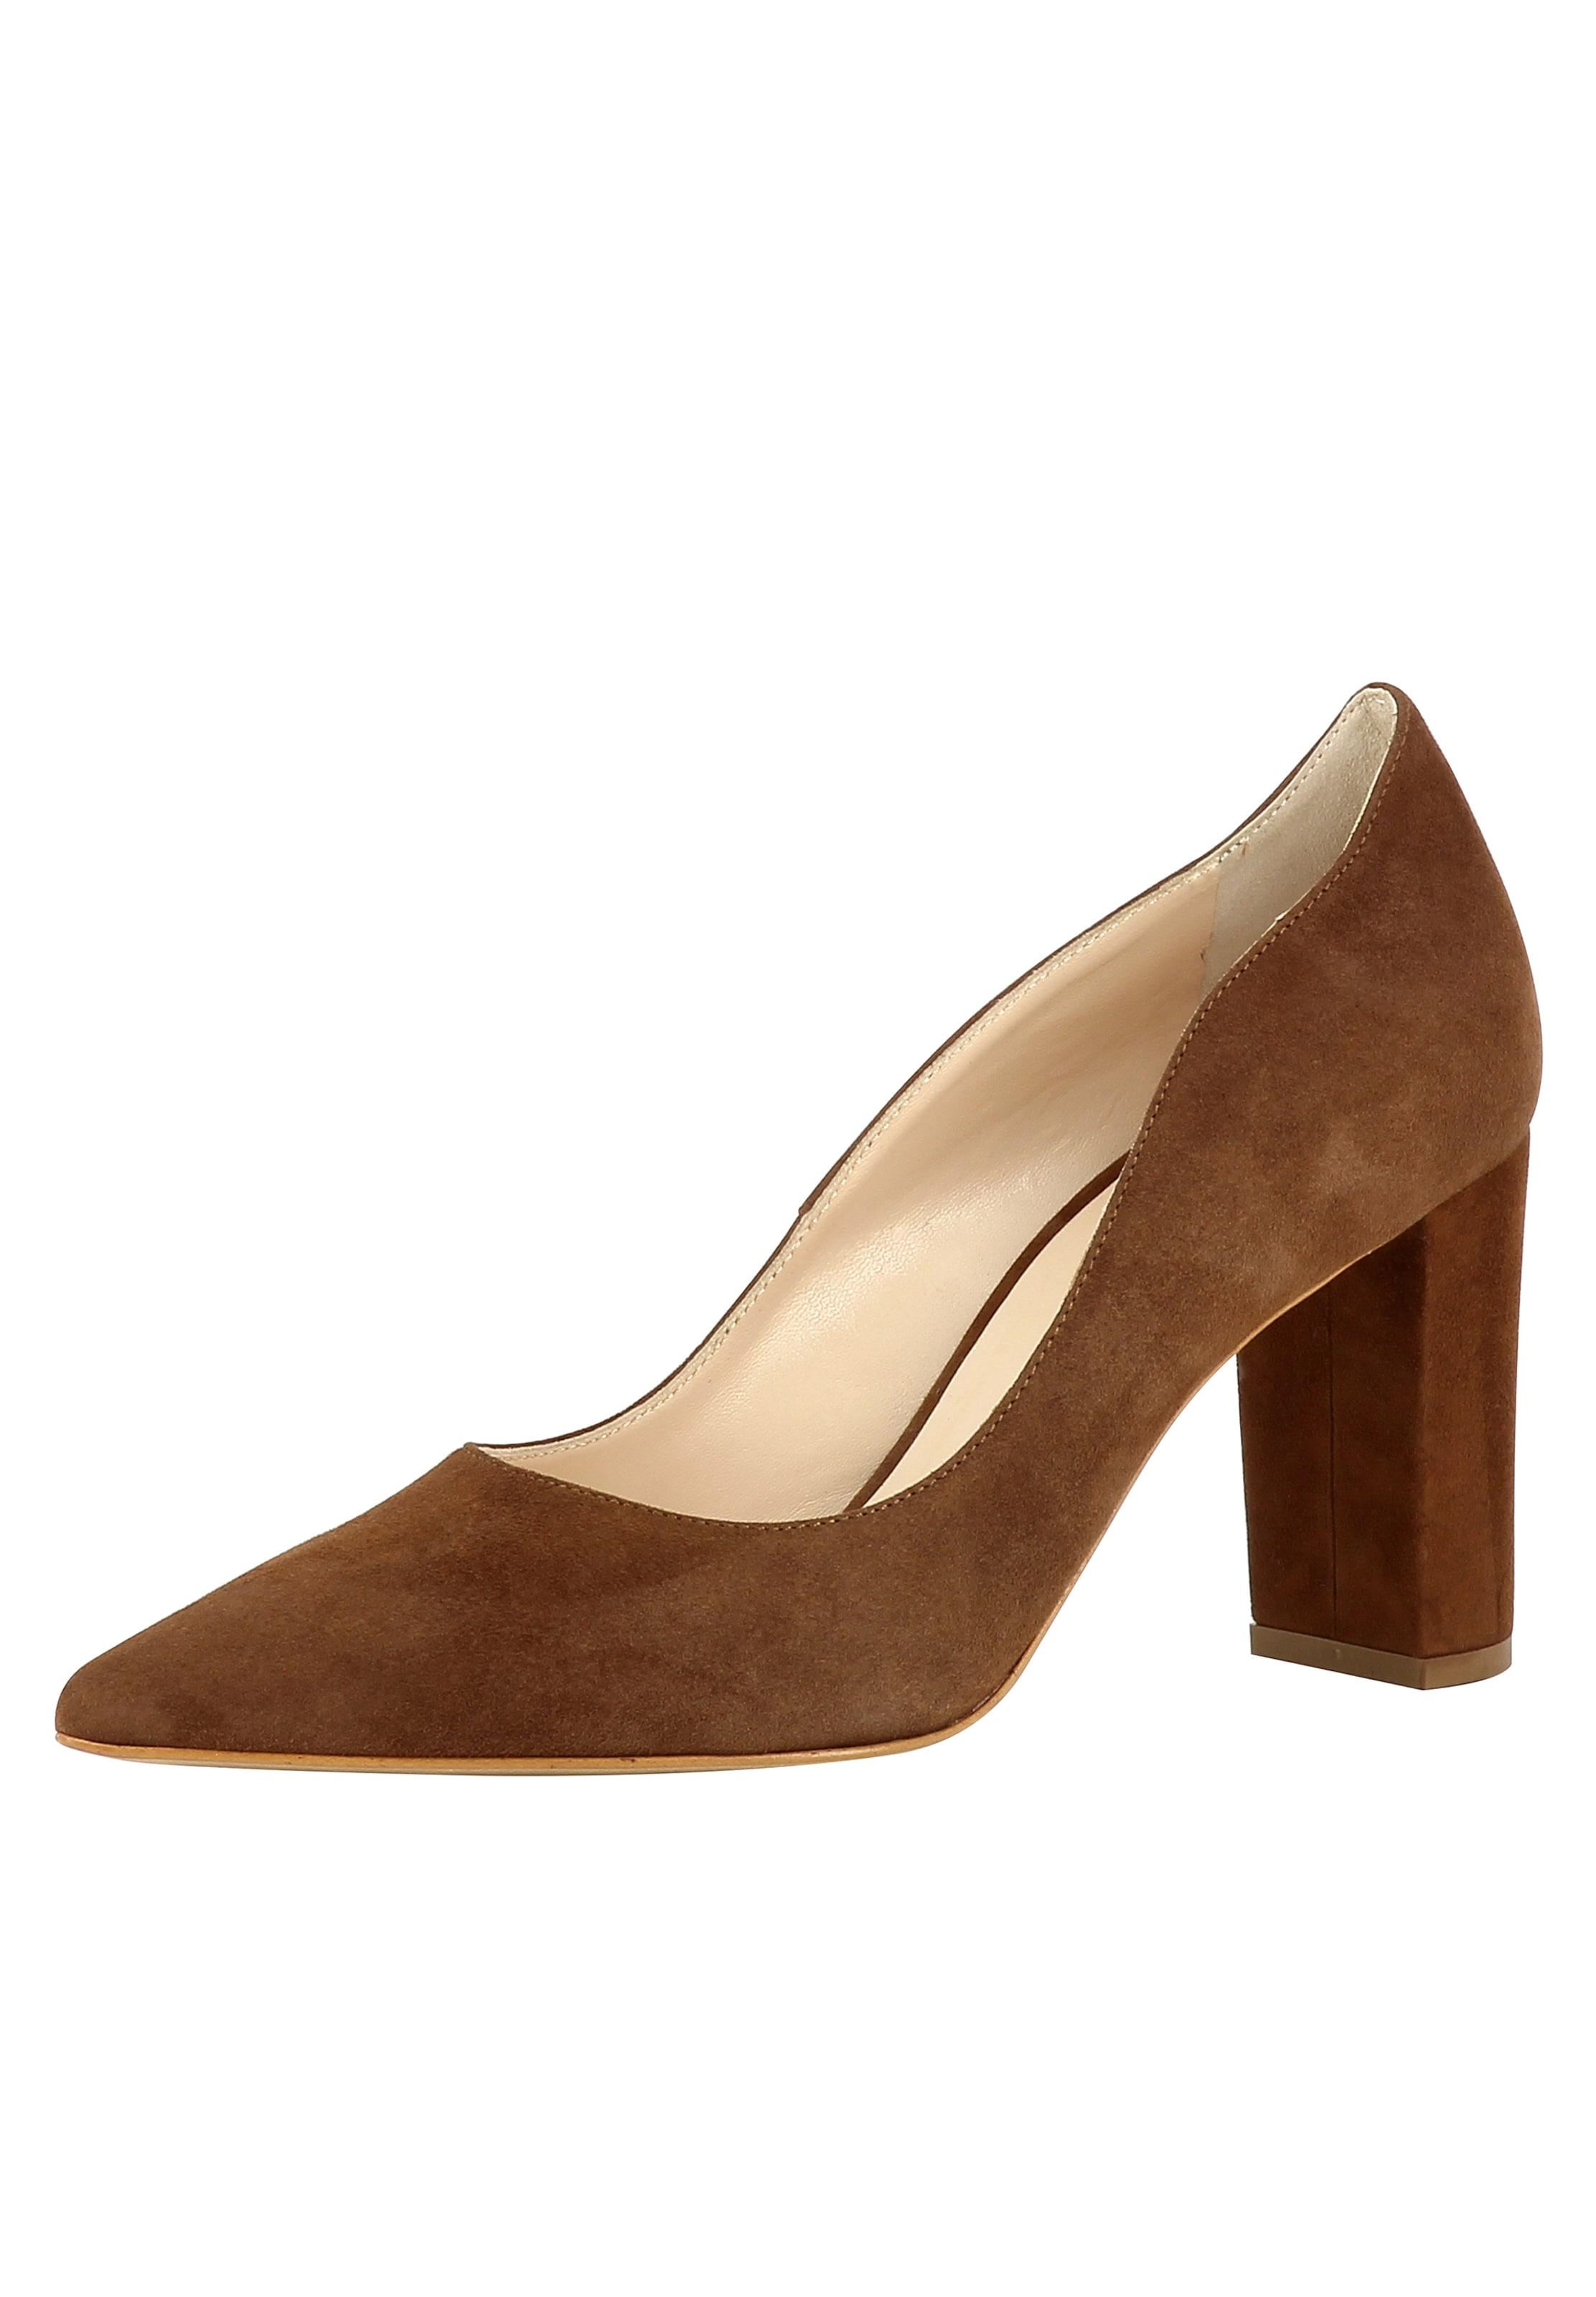 EVITA Damen Pumps JESSICA Verschleißfeste billige Schuhe